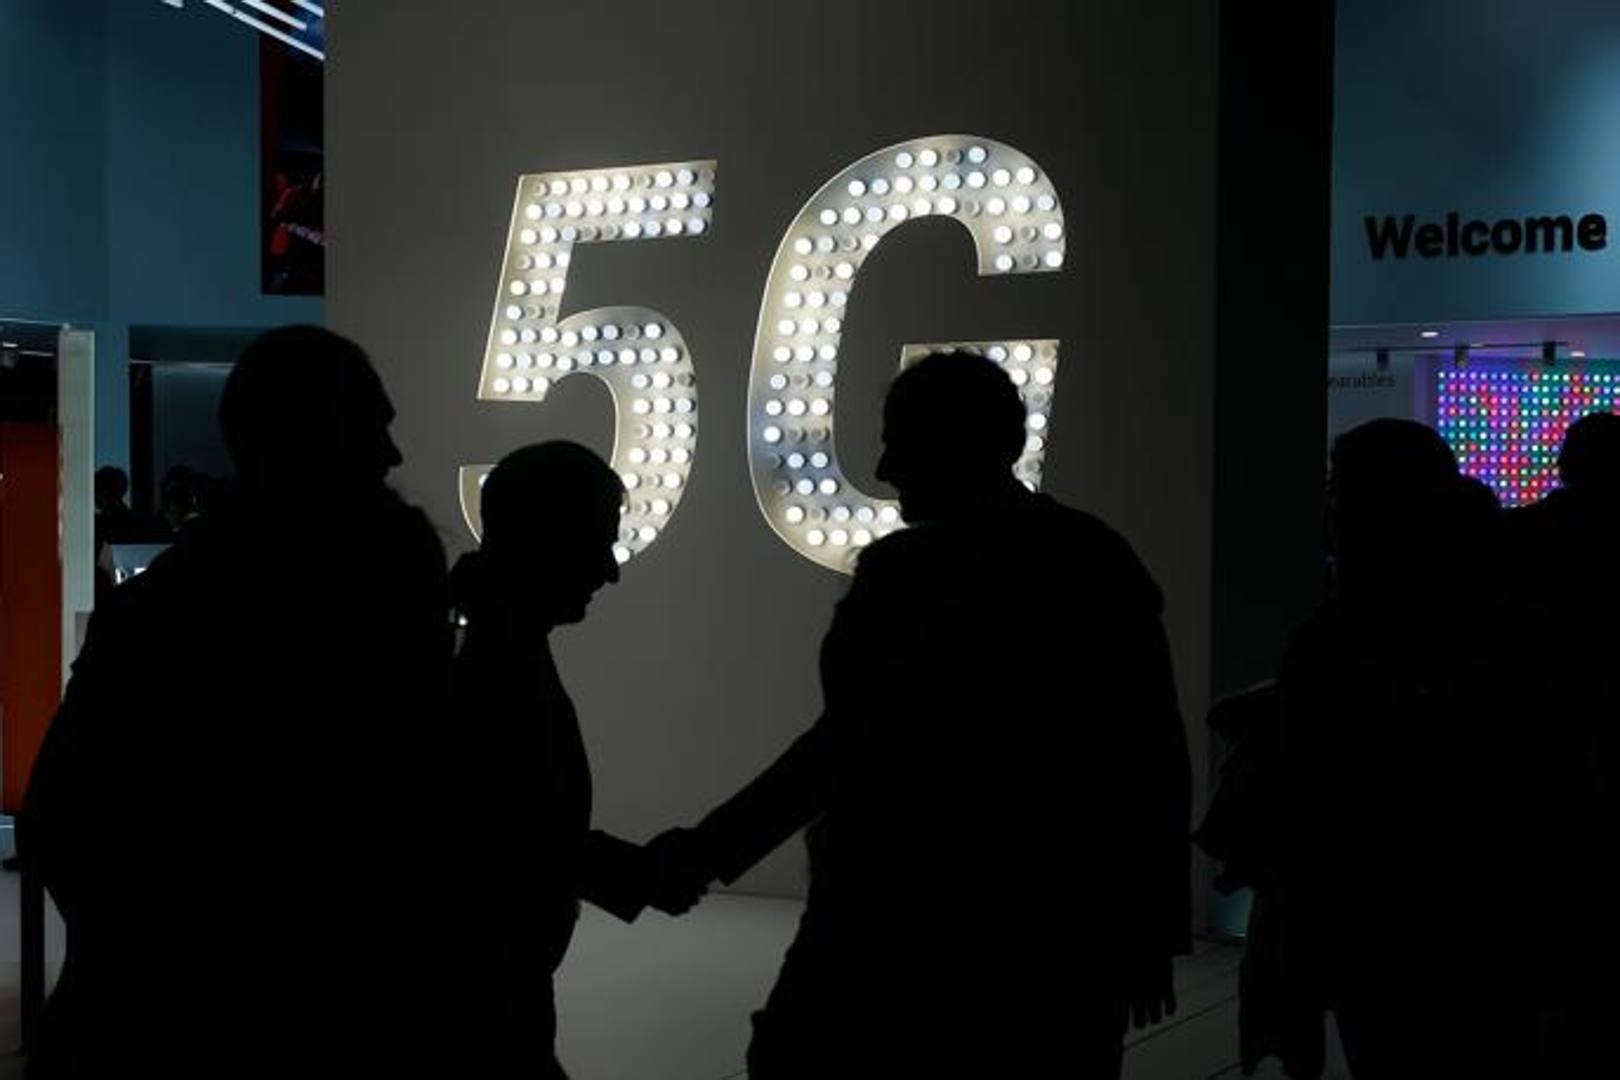 Uno dei temi che ha riguardato praticamente tutti gli espositori del Mobile world congress di Barcellona è la connettività 5G che sarà fino a 20 volte più veloce del 4G. Afp